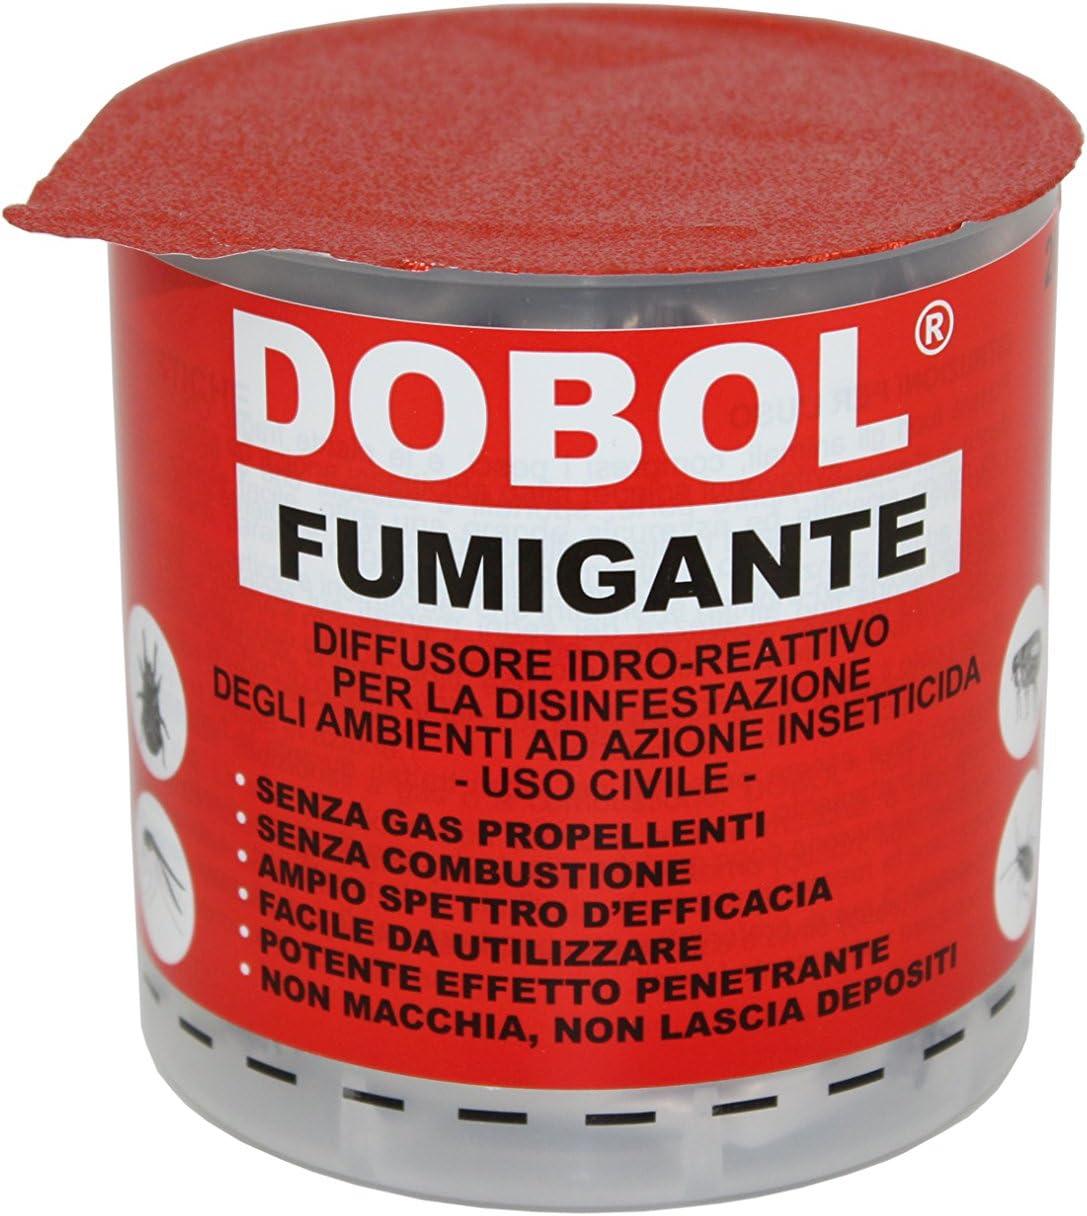 Dobol — Bote de insecticida fumigante,20 g/ hasta 250 m³ - desinsectador de gas humo